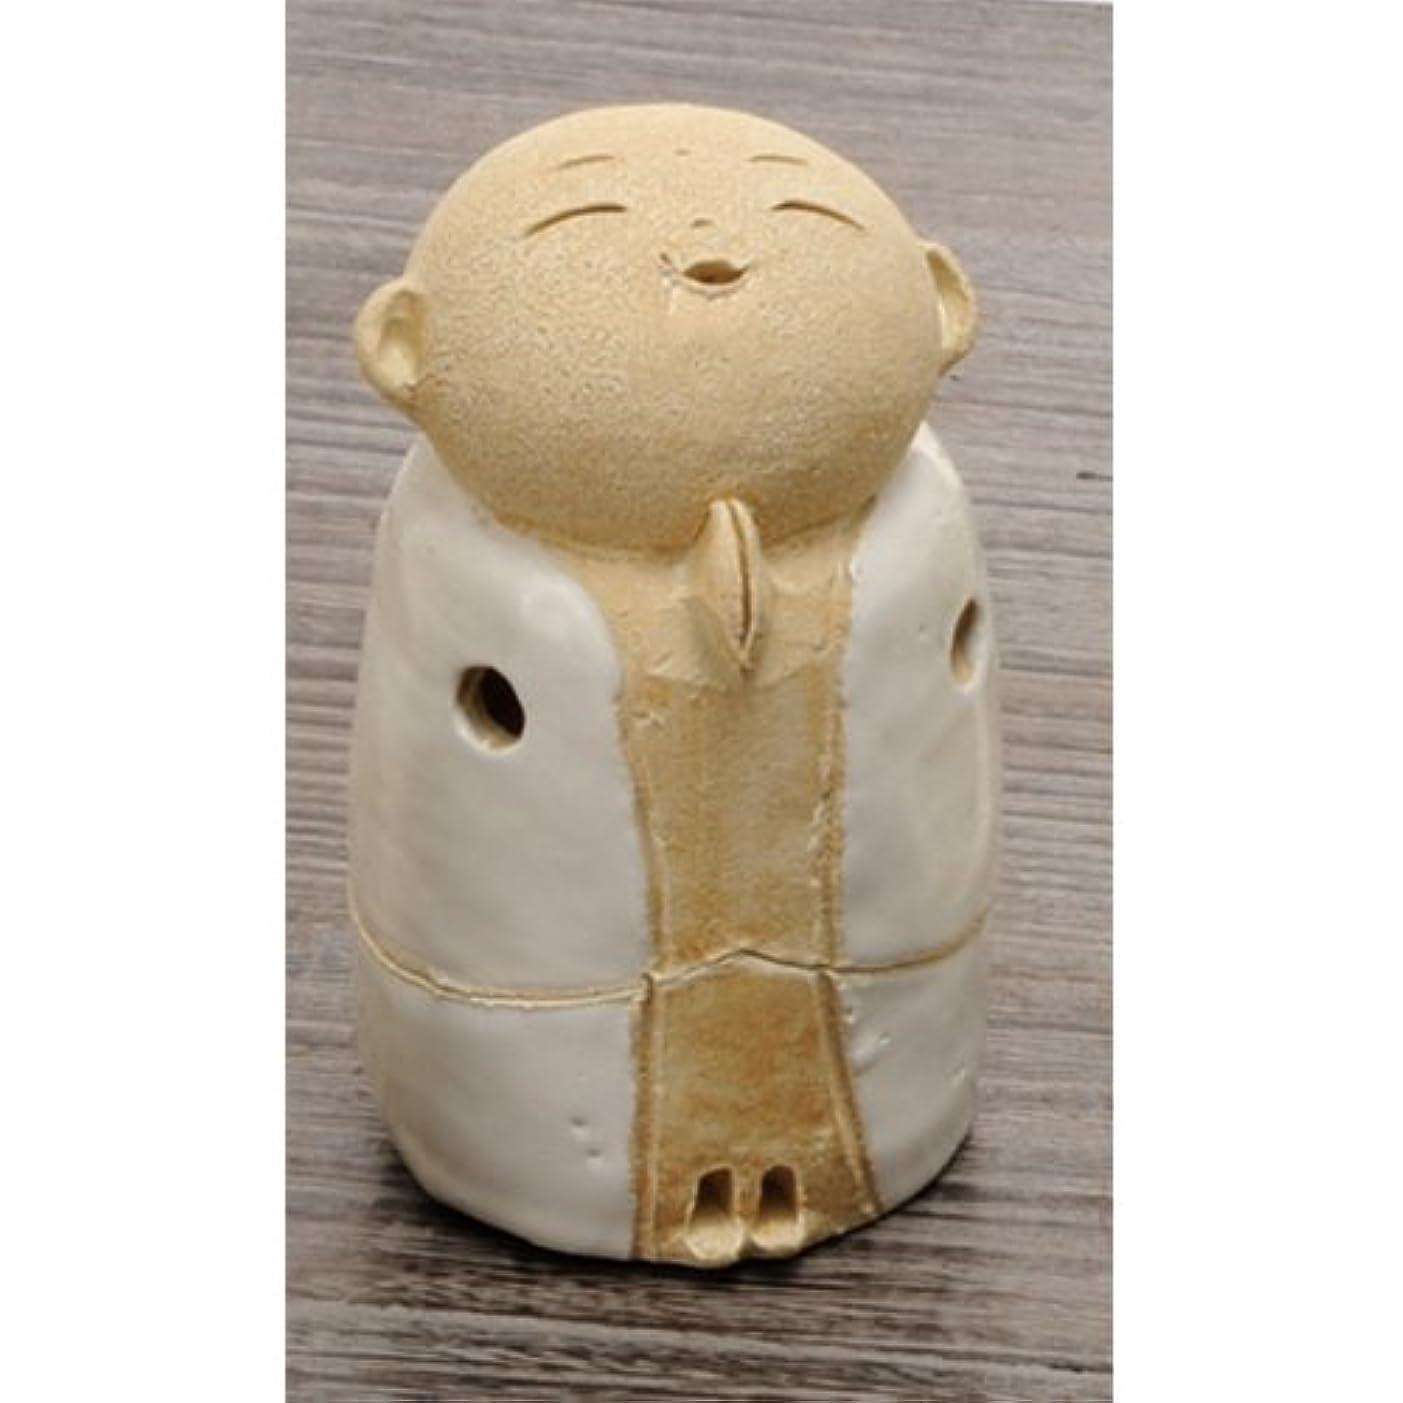 プロジェクター抱擁チャンピオンお地蔵様 香炉シリーズ 白 お地蔵様 香炉 3.5寸(小) [H10cm] HANDMADE プレゼント ギフト 和食器 かわいい インテリア